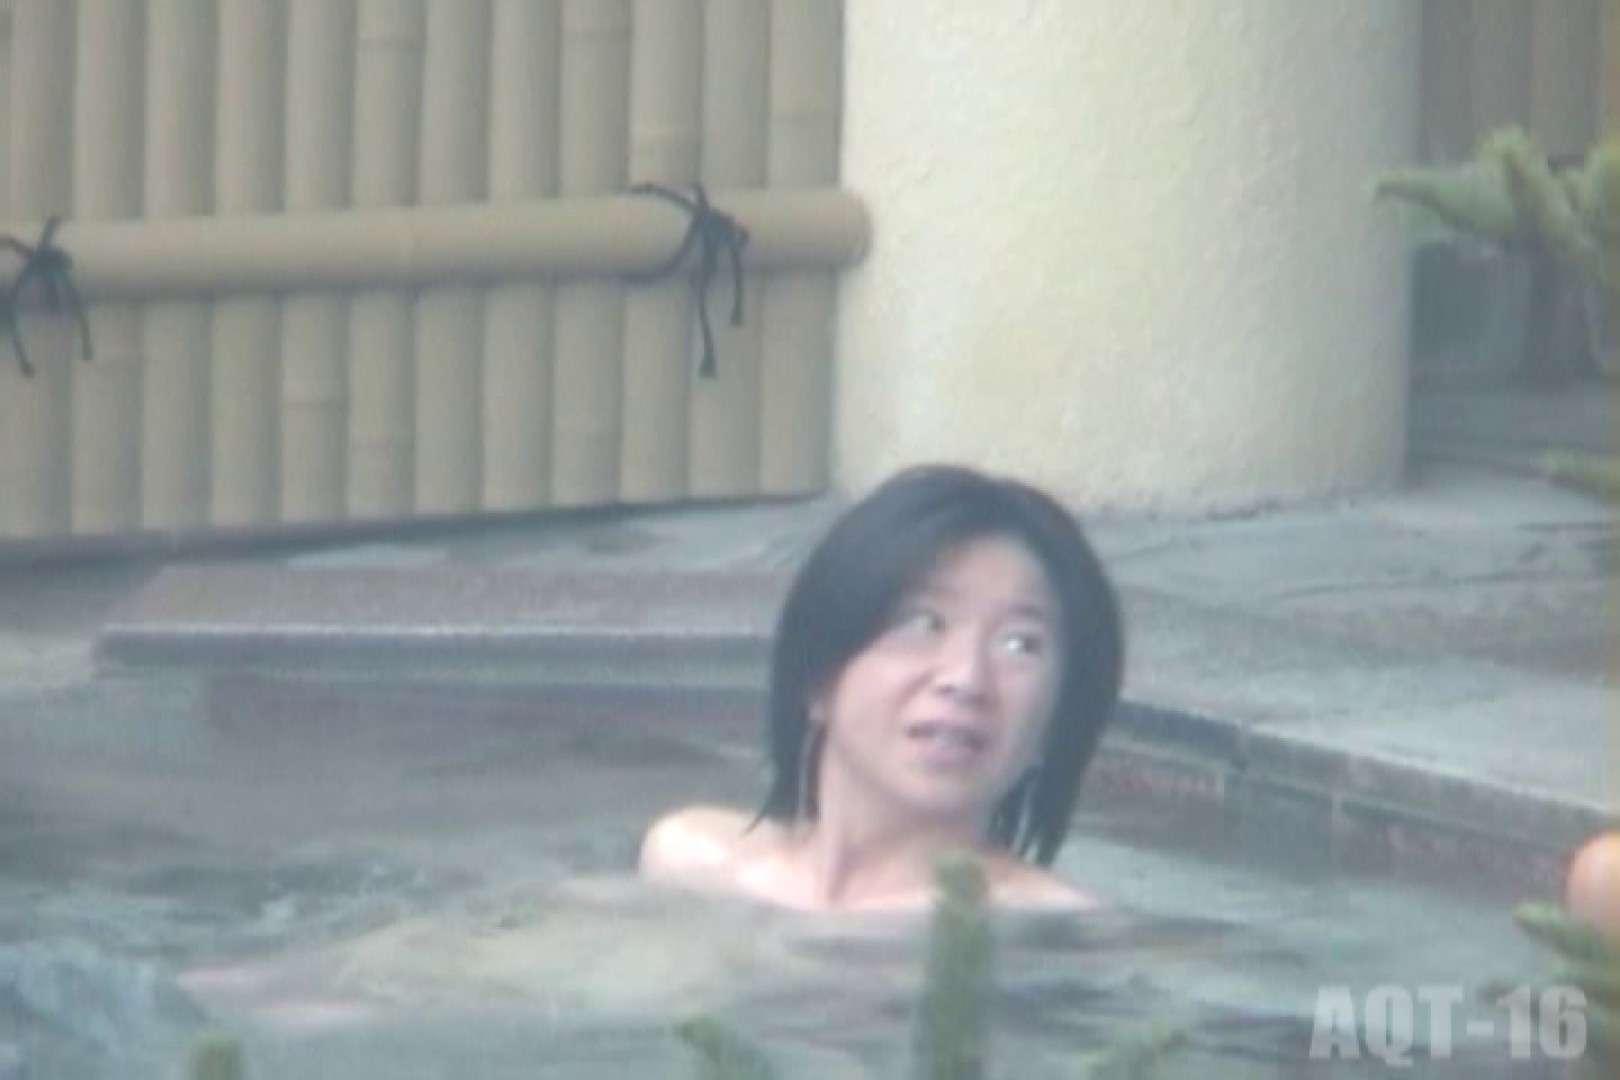 Aquaな露天風呂Vol.841 美しいOLの裸体  77pic 57